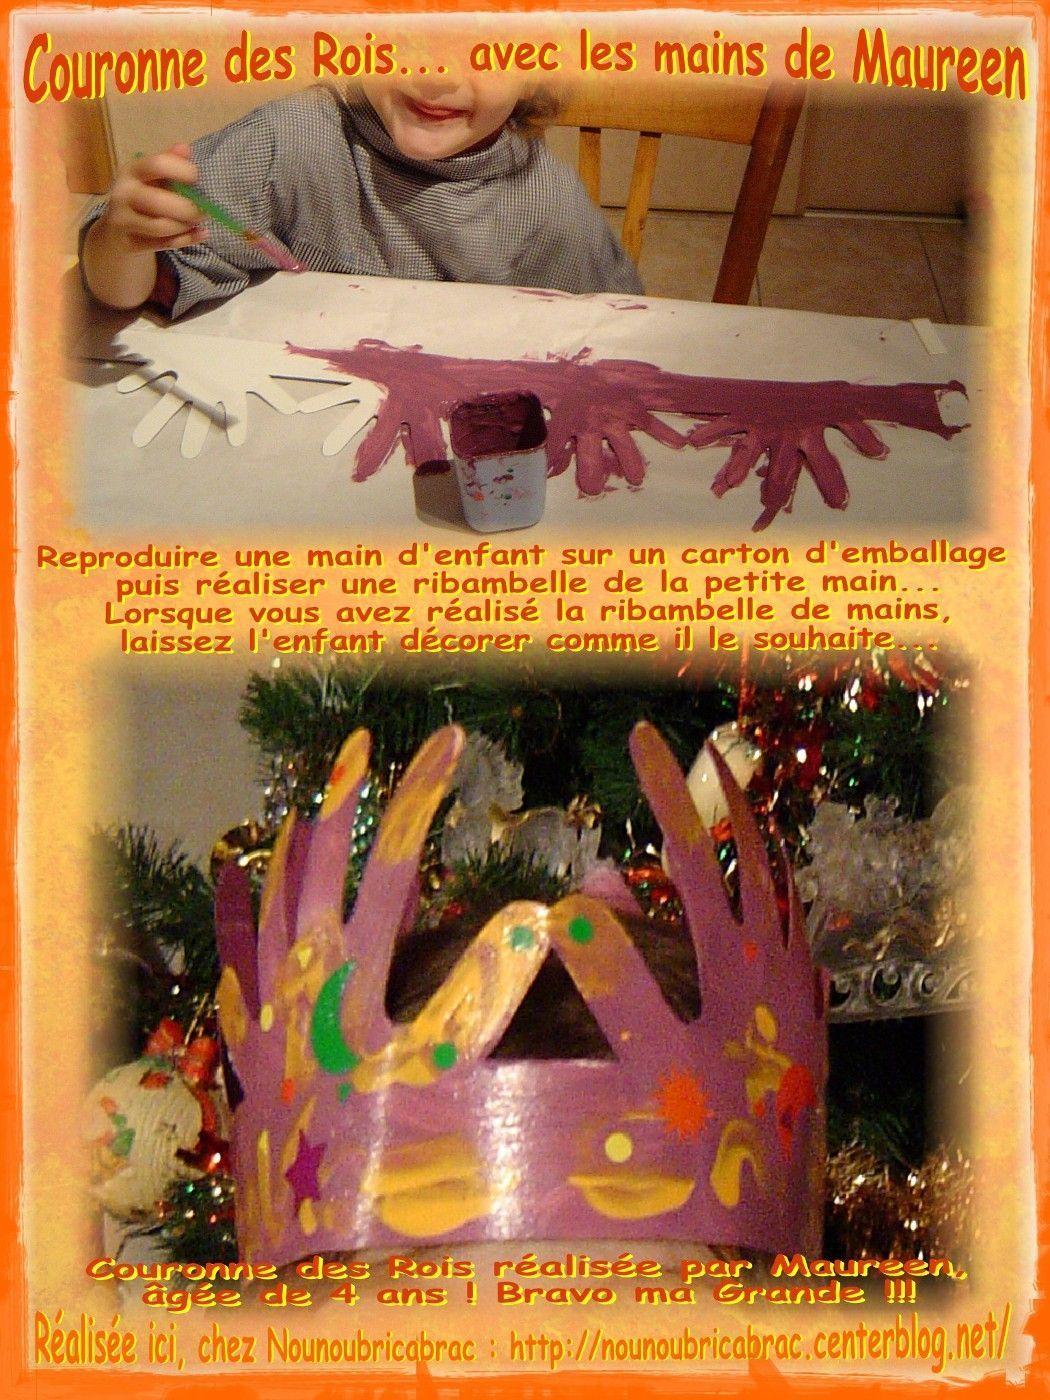 Couronne des Rois… avec des mains d'enfants / 3ème étape..... couronne de Maureen